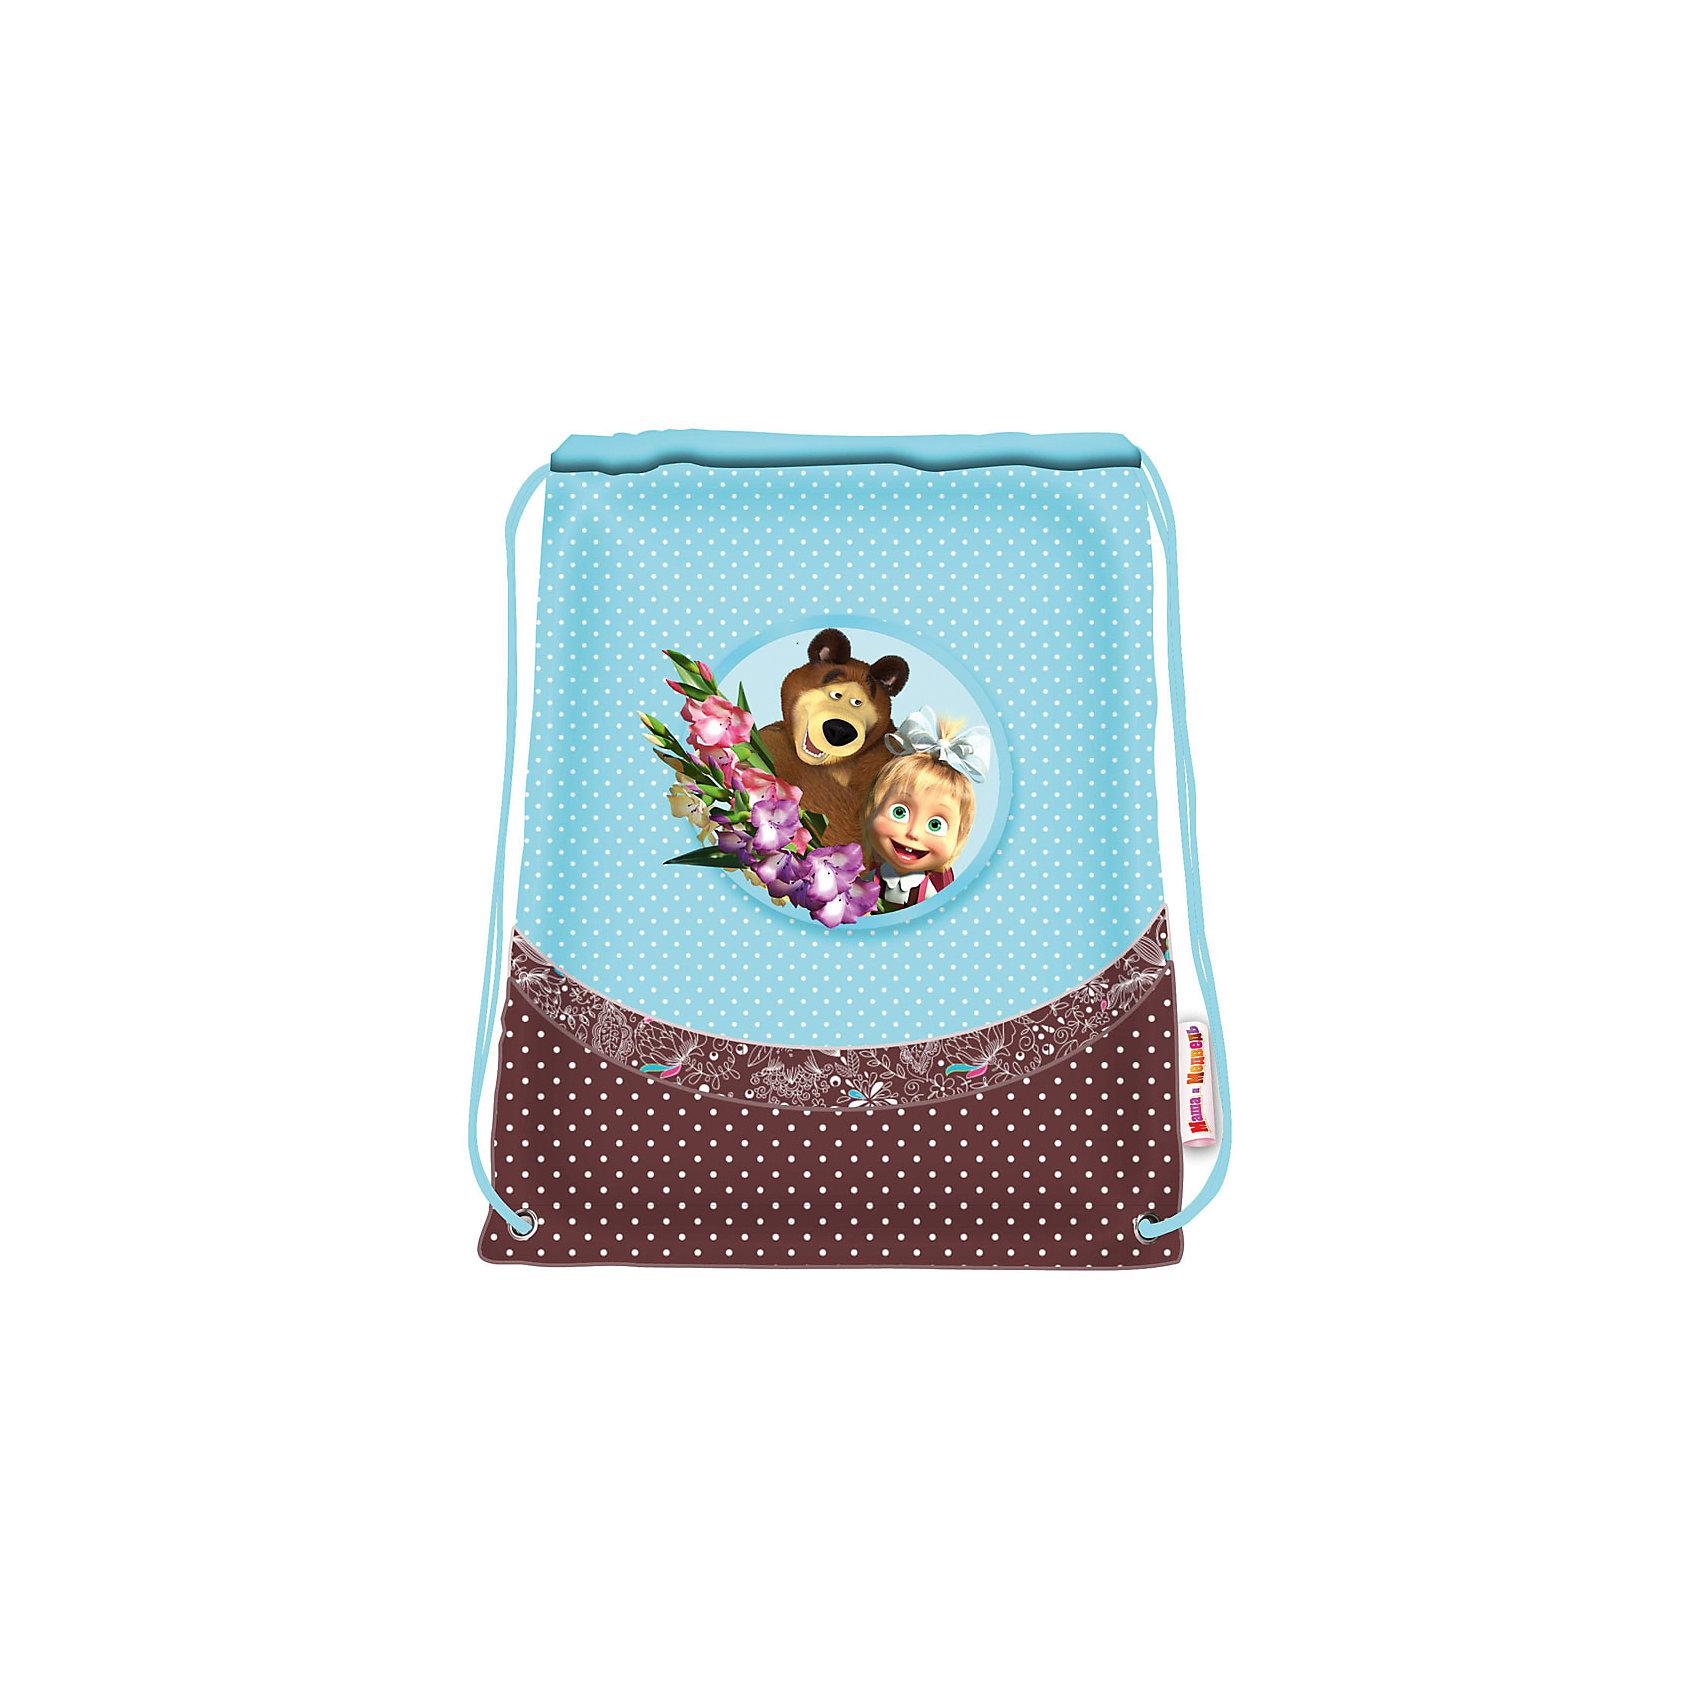 Мешок для обуви Бирюза, Маша и МедведьМешок для обуви Бирюза, Маша и Медведь, идеально подойдет для сменной обуви маленькой школьницы и для физкультурной формы. Мешок изготовлен из прочного водостойкого материала голубого цвета и украшен изображением любимых героев из популярного<br>мультсериала Маша и Медведь. Мешок затягивается сверху при помощи текстильных шнурков-лямок, которые фиксируются в нижней части, благодаря чему его можно носить за спиной как рюкзак.<br><br><br>Дополнительная информация:<br><br>- Материал: полиэстер.<br>- Размер мешка: 46 х 34 см.<br>- Размер упаковки: 22 х 0,5 х 18 см.<br>- Вес: 40 гр. <br><br>Мешок для обуви Бирюза, Маша и Медведь, можно купить в нашем интернет-магазине.<br><br>Ширина мм: 240<br>Глубина мм: 200<br>Высота мм: 5<br>Вес г: 53<br>Возраст от месяцев: 60<br>Возраст до месяцев: 120<br>Пол: Унисекс<br>Возраст: Детский<br>SKU: 4774826